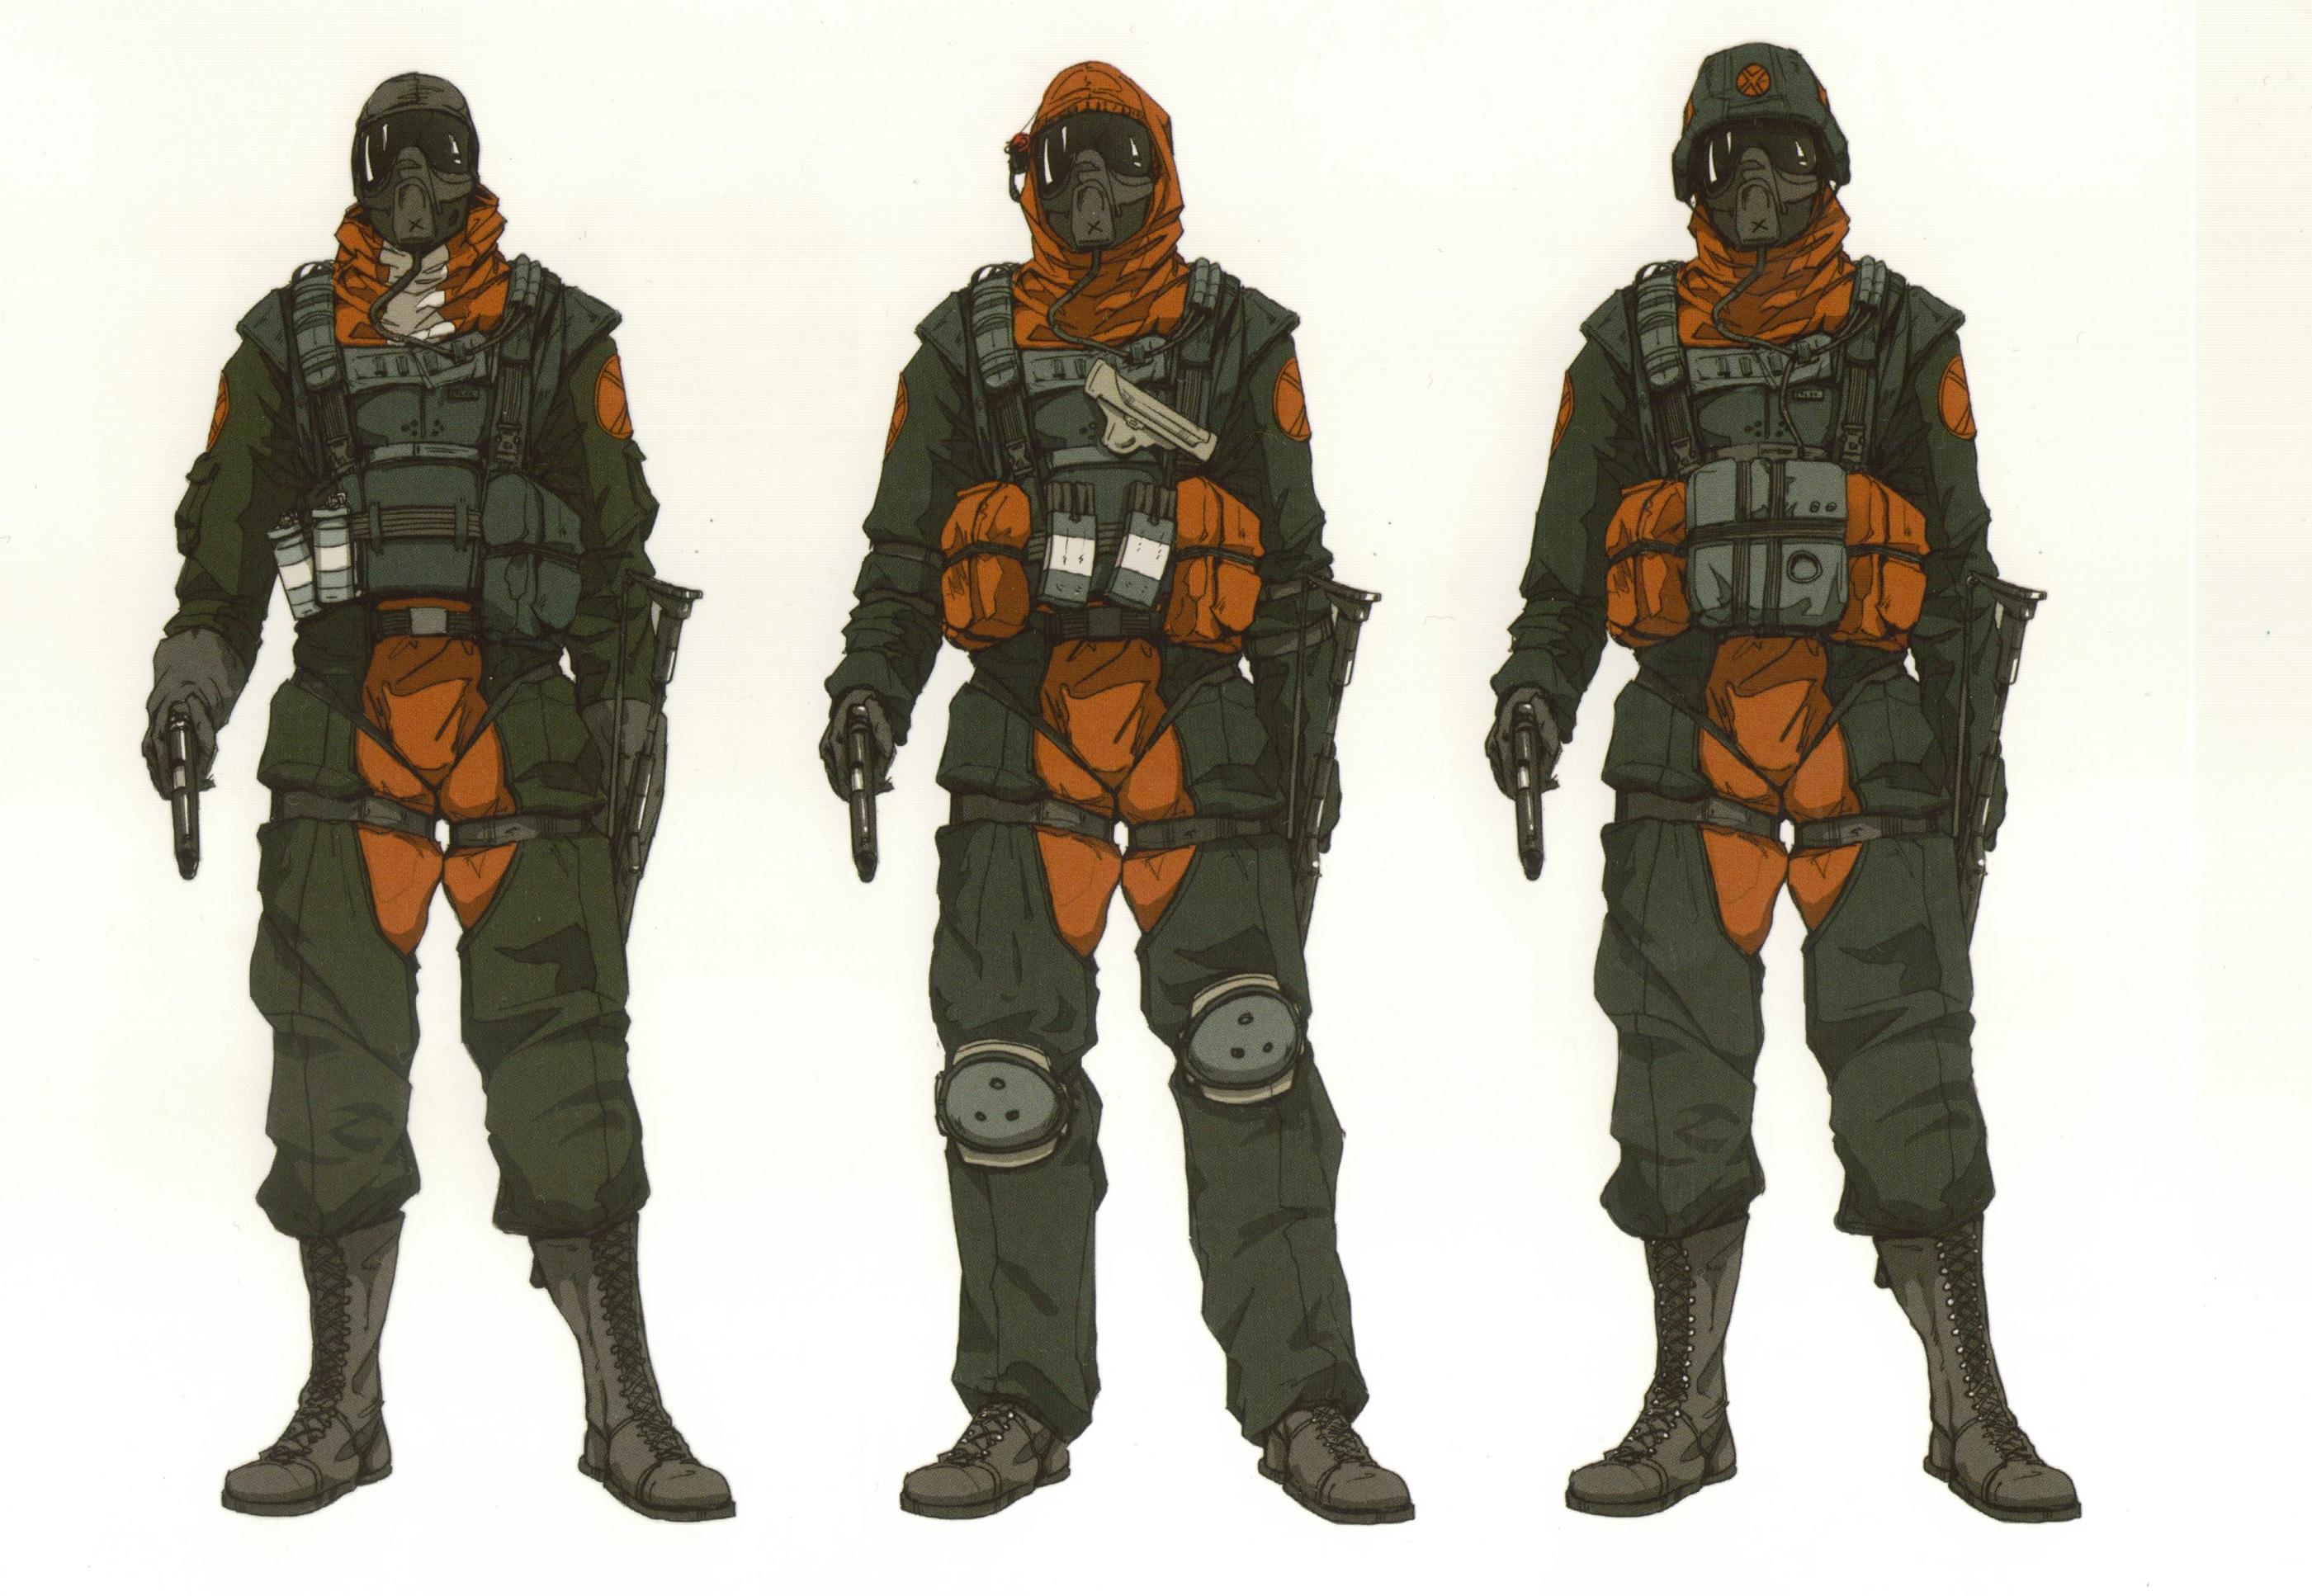 Arkham Knight's Militia